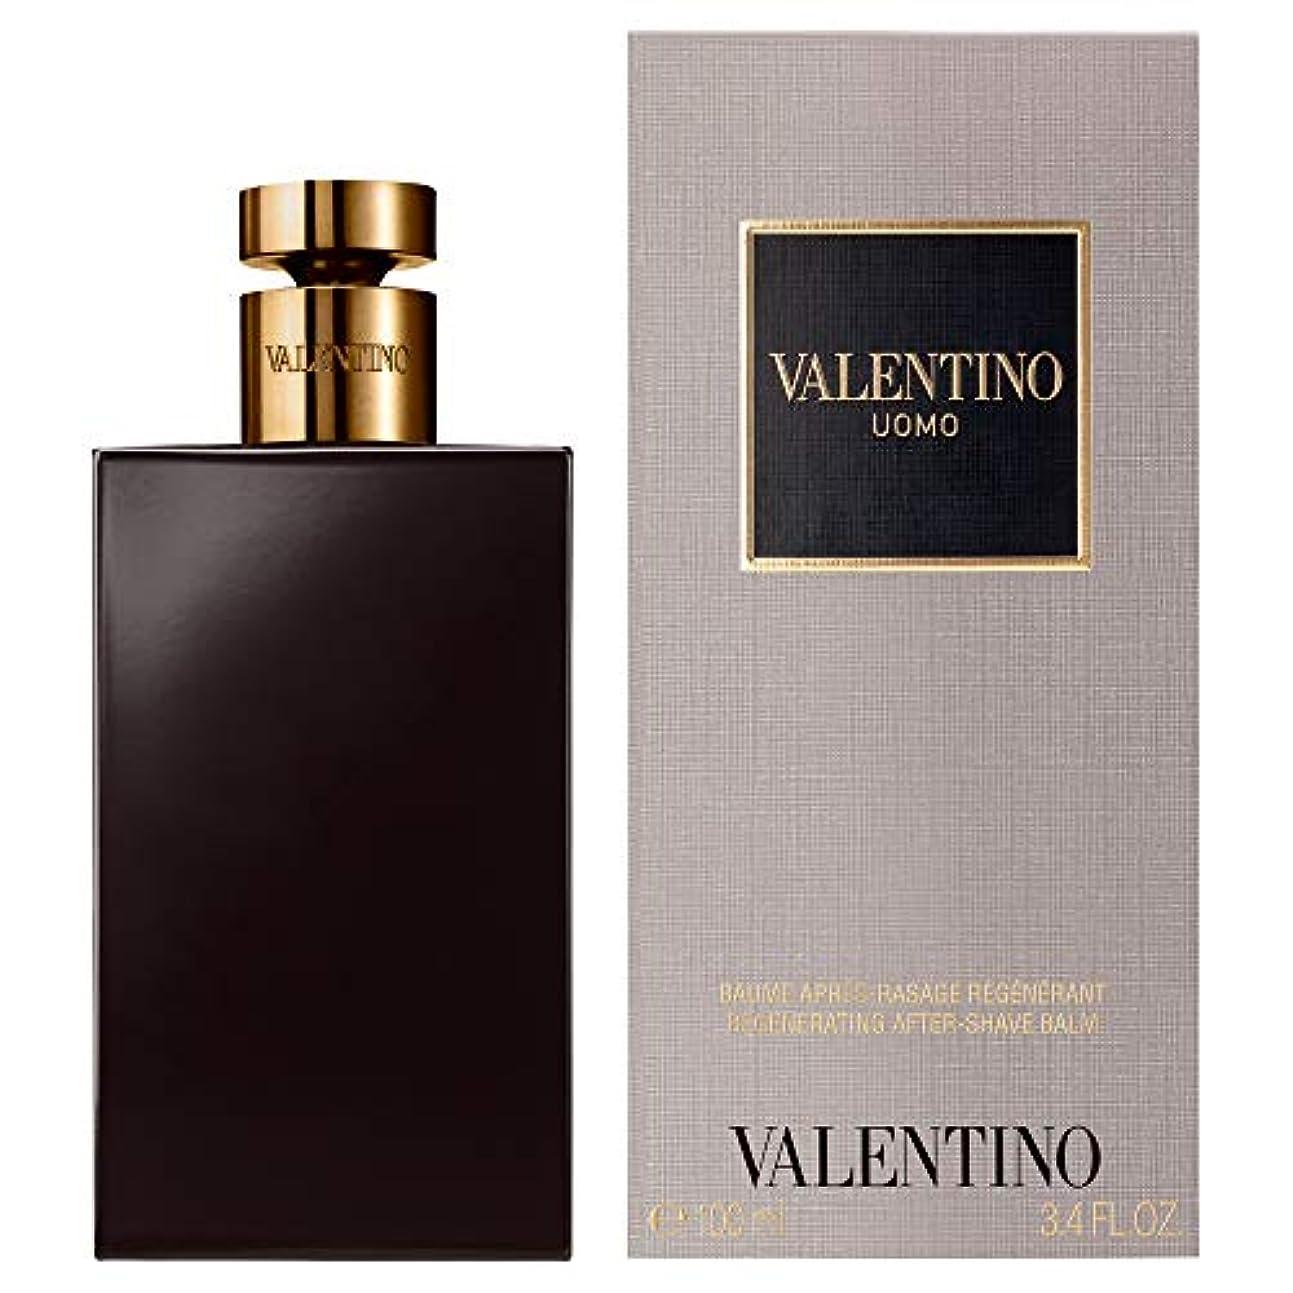 温かい一掃する残酷[Valentino] バレンティーノ・ウォモとしてバーム100ミリリットル - Valentino Uomo AS Balm 100ml [並行輸入品]